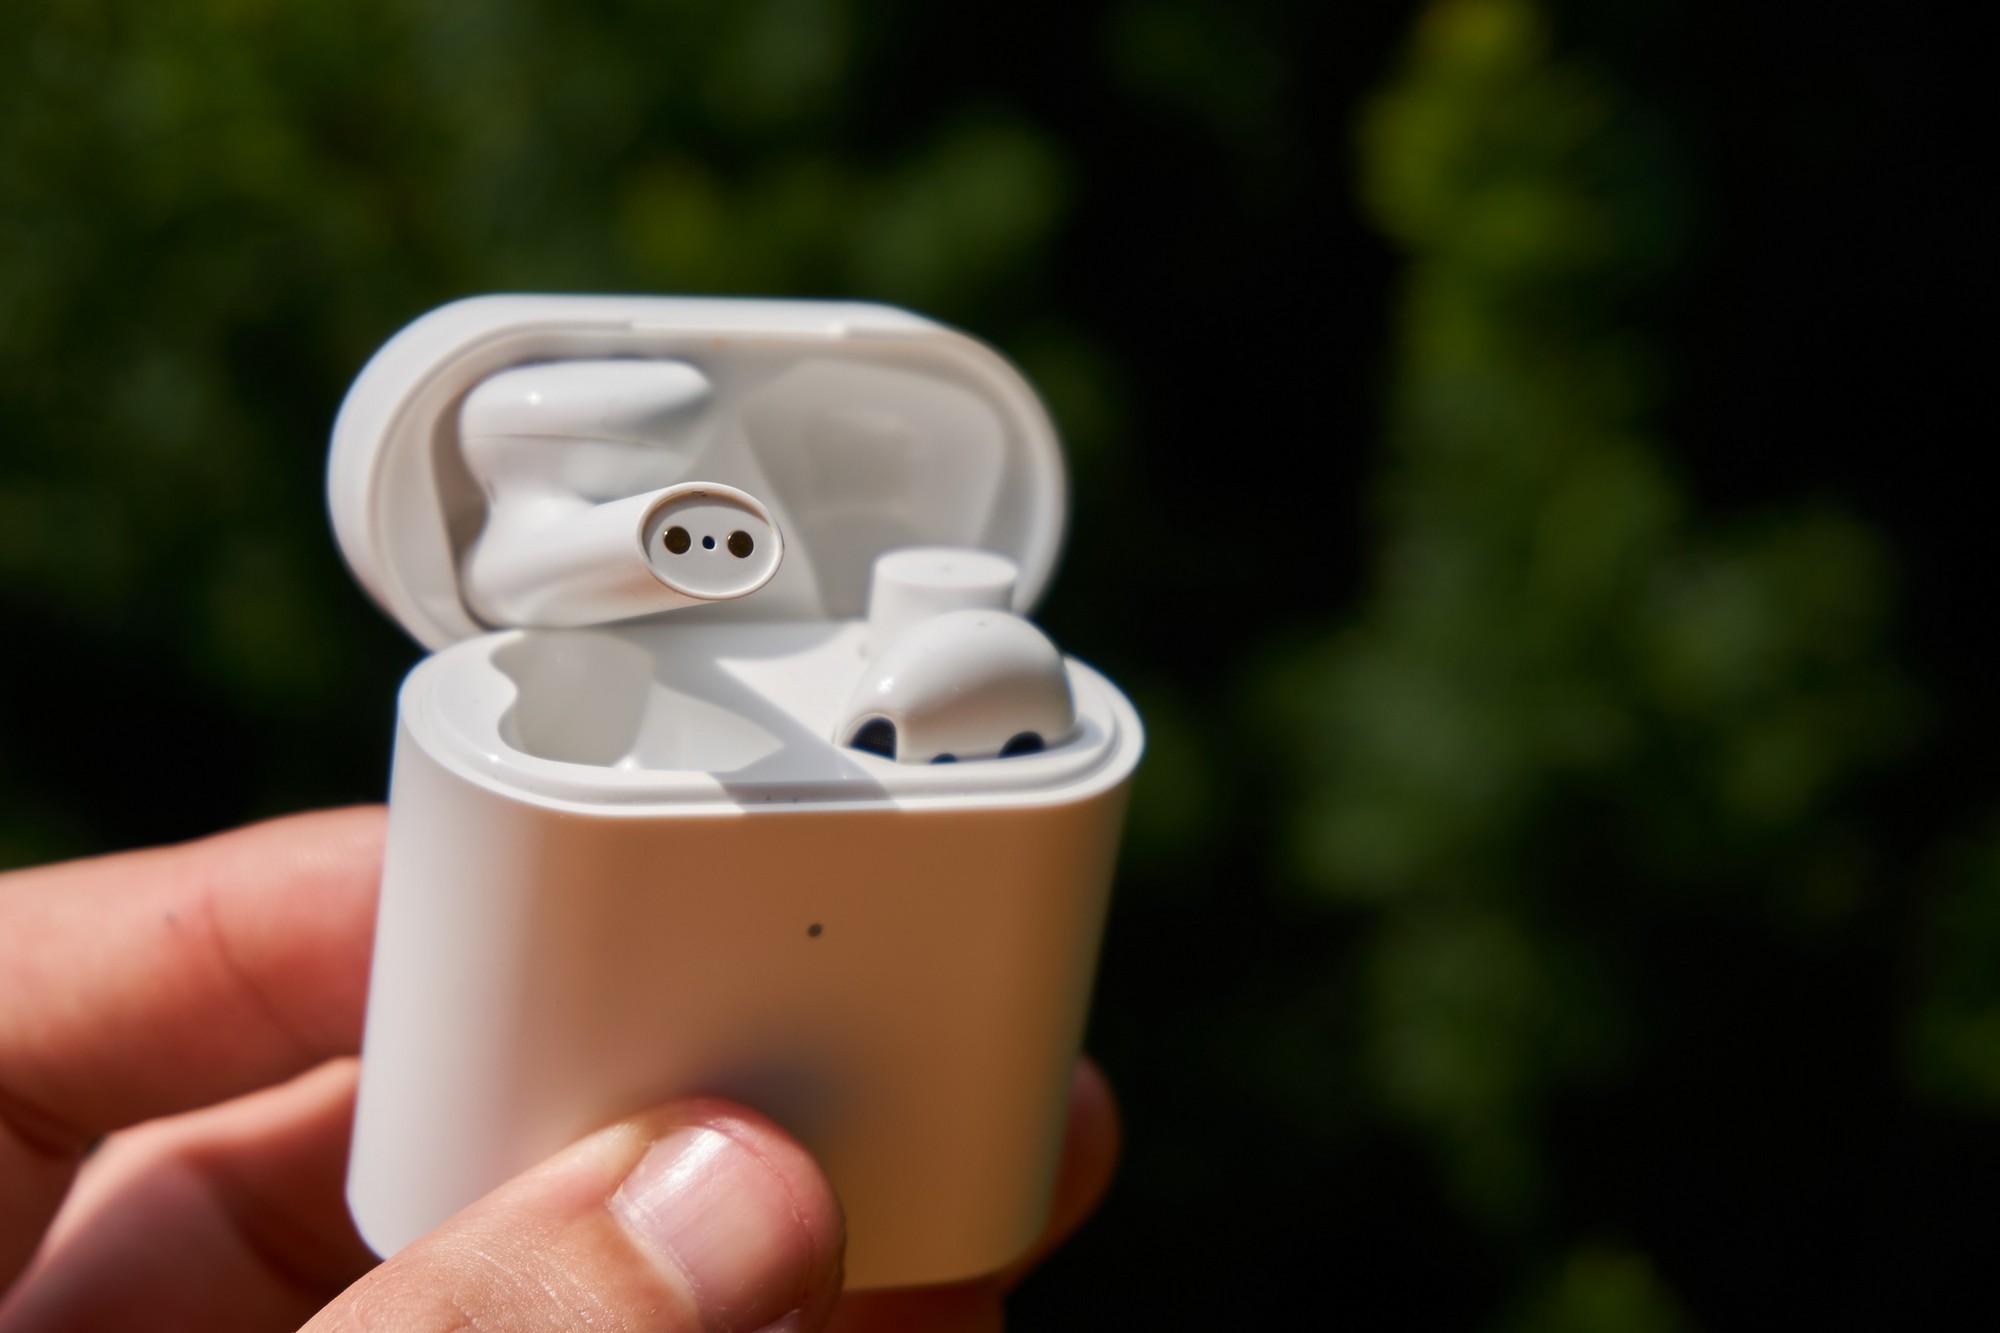 Recenzja Mi True Wireless Earphones 2 - AirPods w wydaniu Xiaomi?